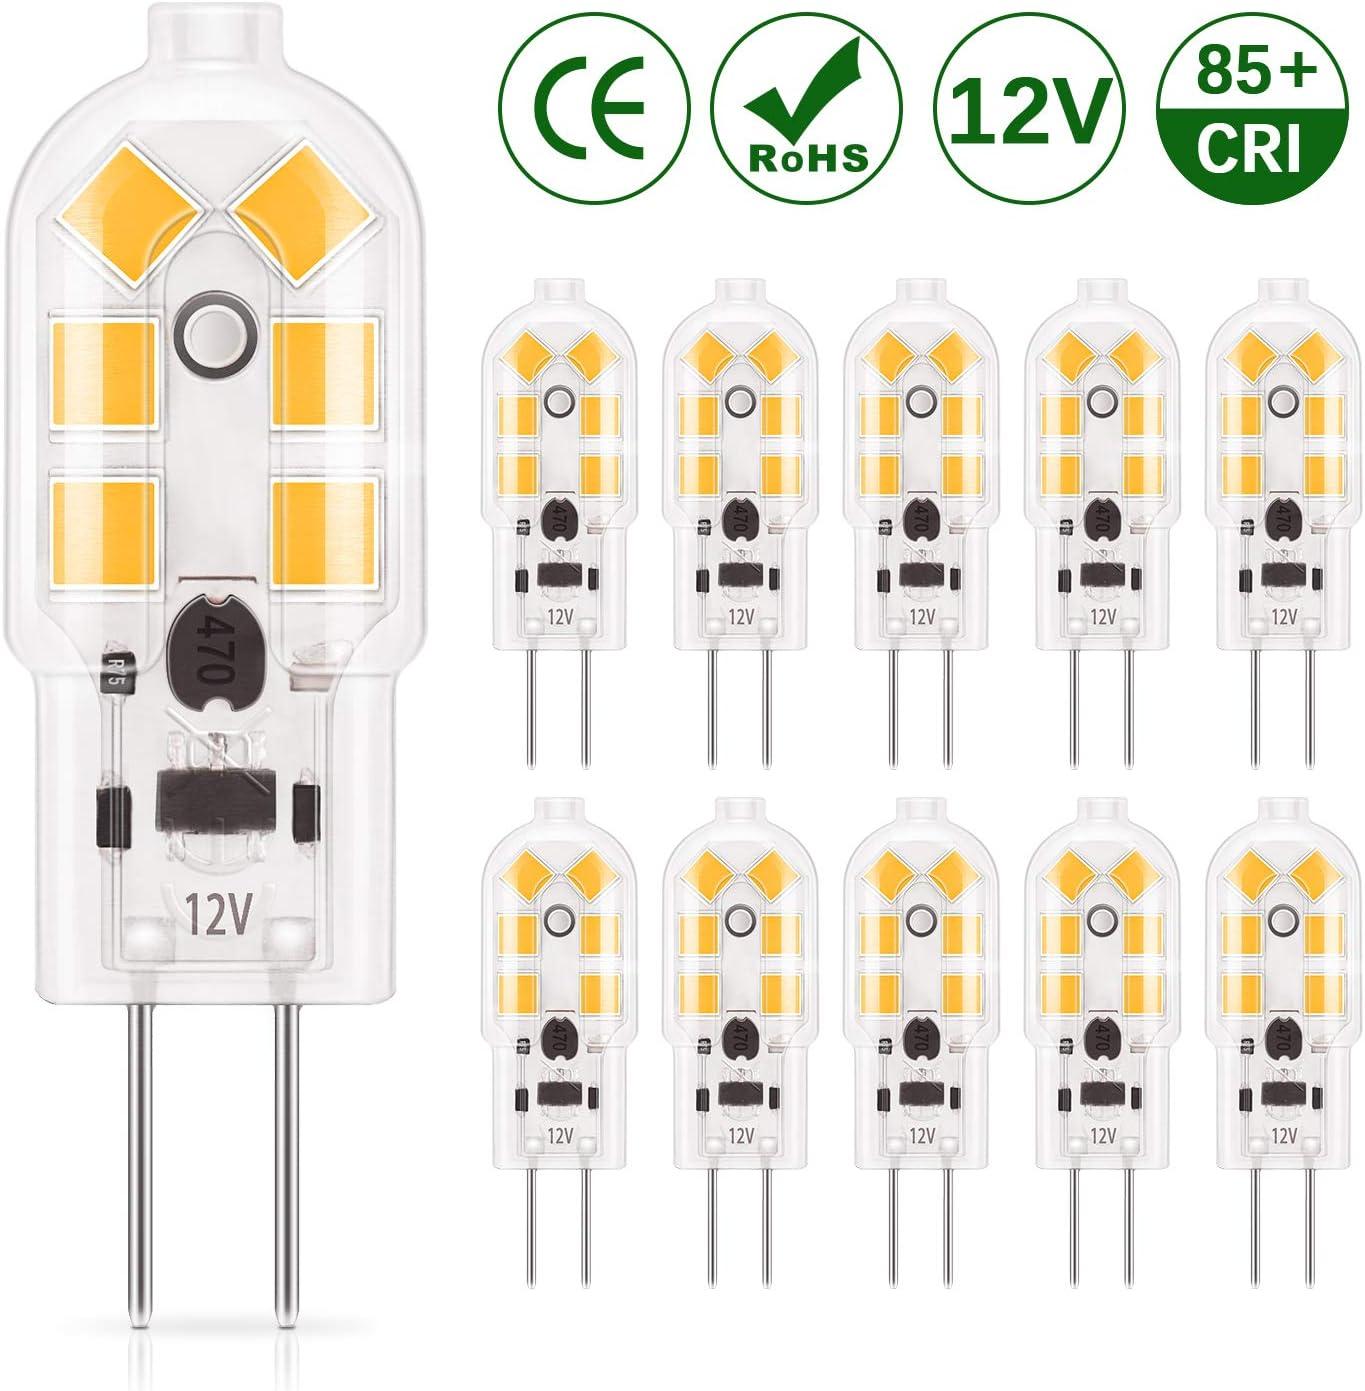 DiCUNO 10-Pack G4 1.5W LED Bulbo, 180LM, AC/DC 12V Bombillas de iluminación equivalente a 20W Halógena, Blanco cálido 3000K, No regulable, Reemplazo para la iluminación de la cocina